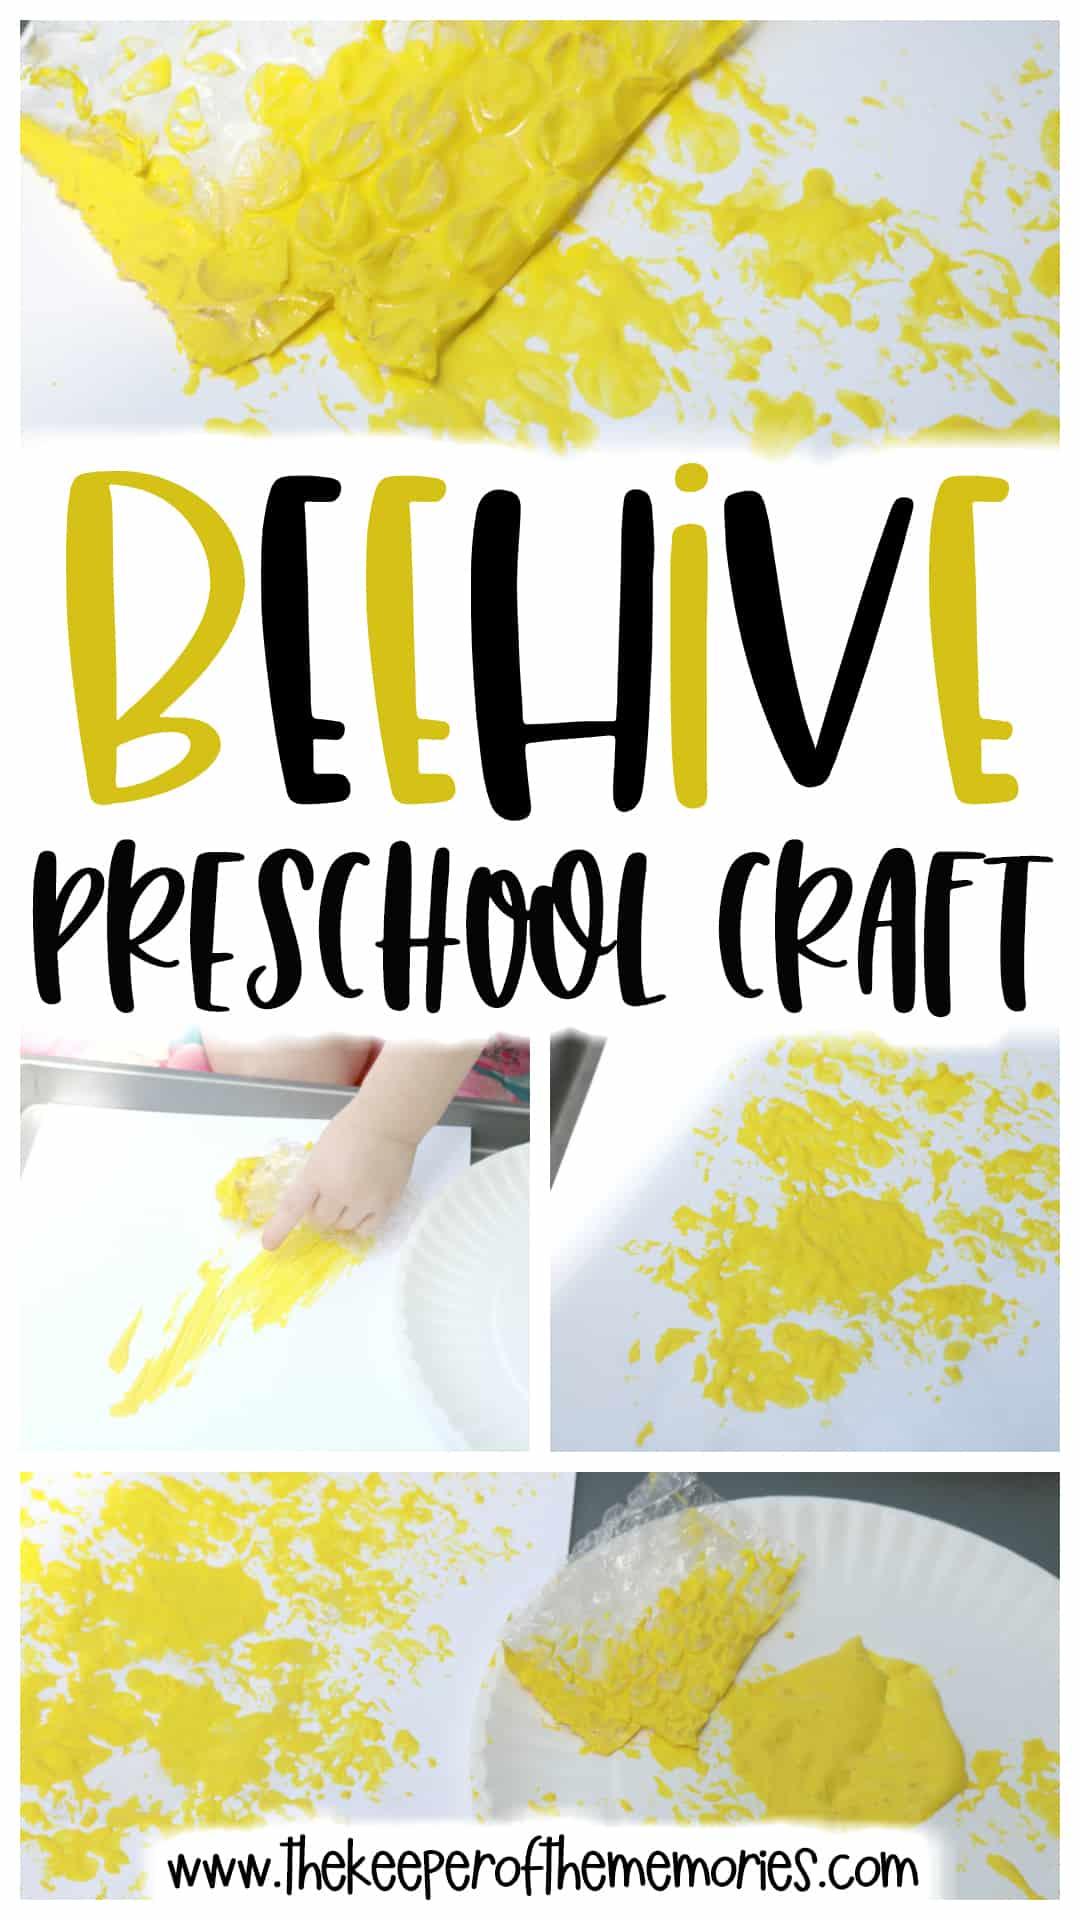 Beehive Preschool Craft